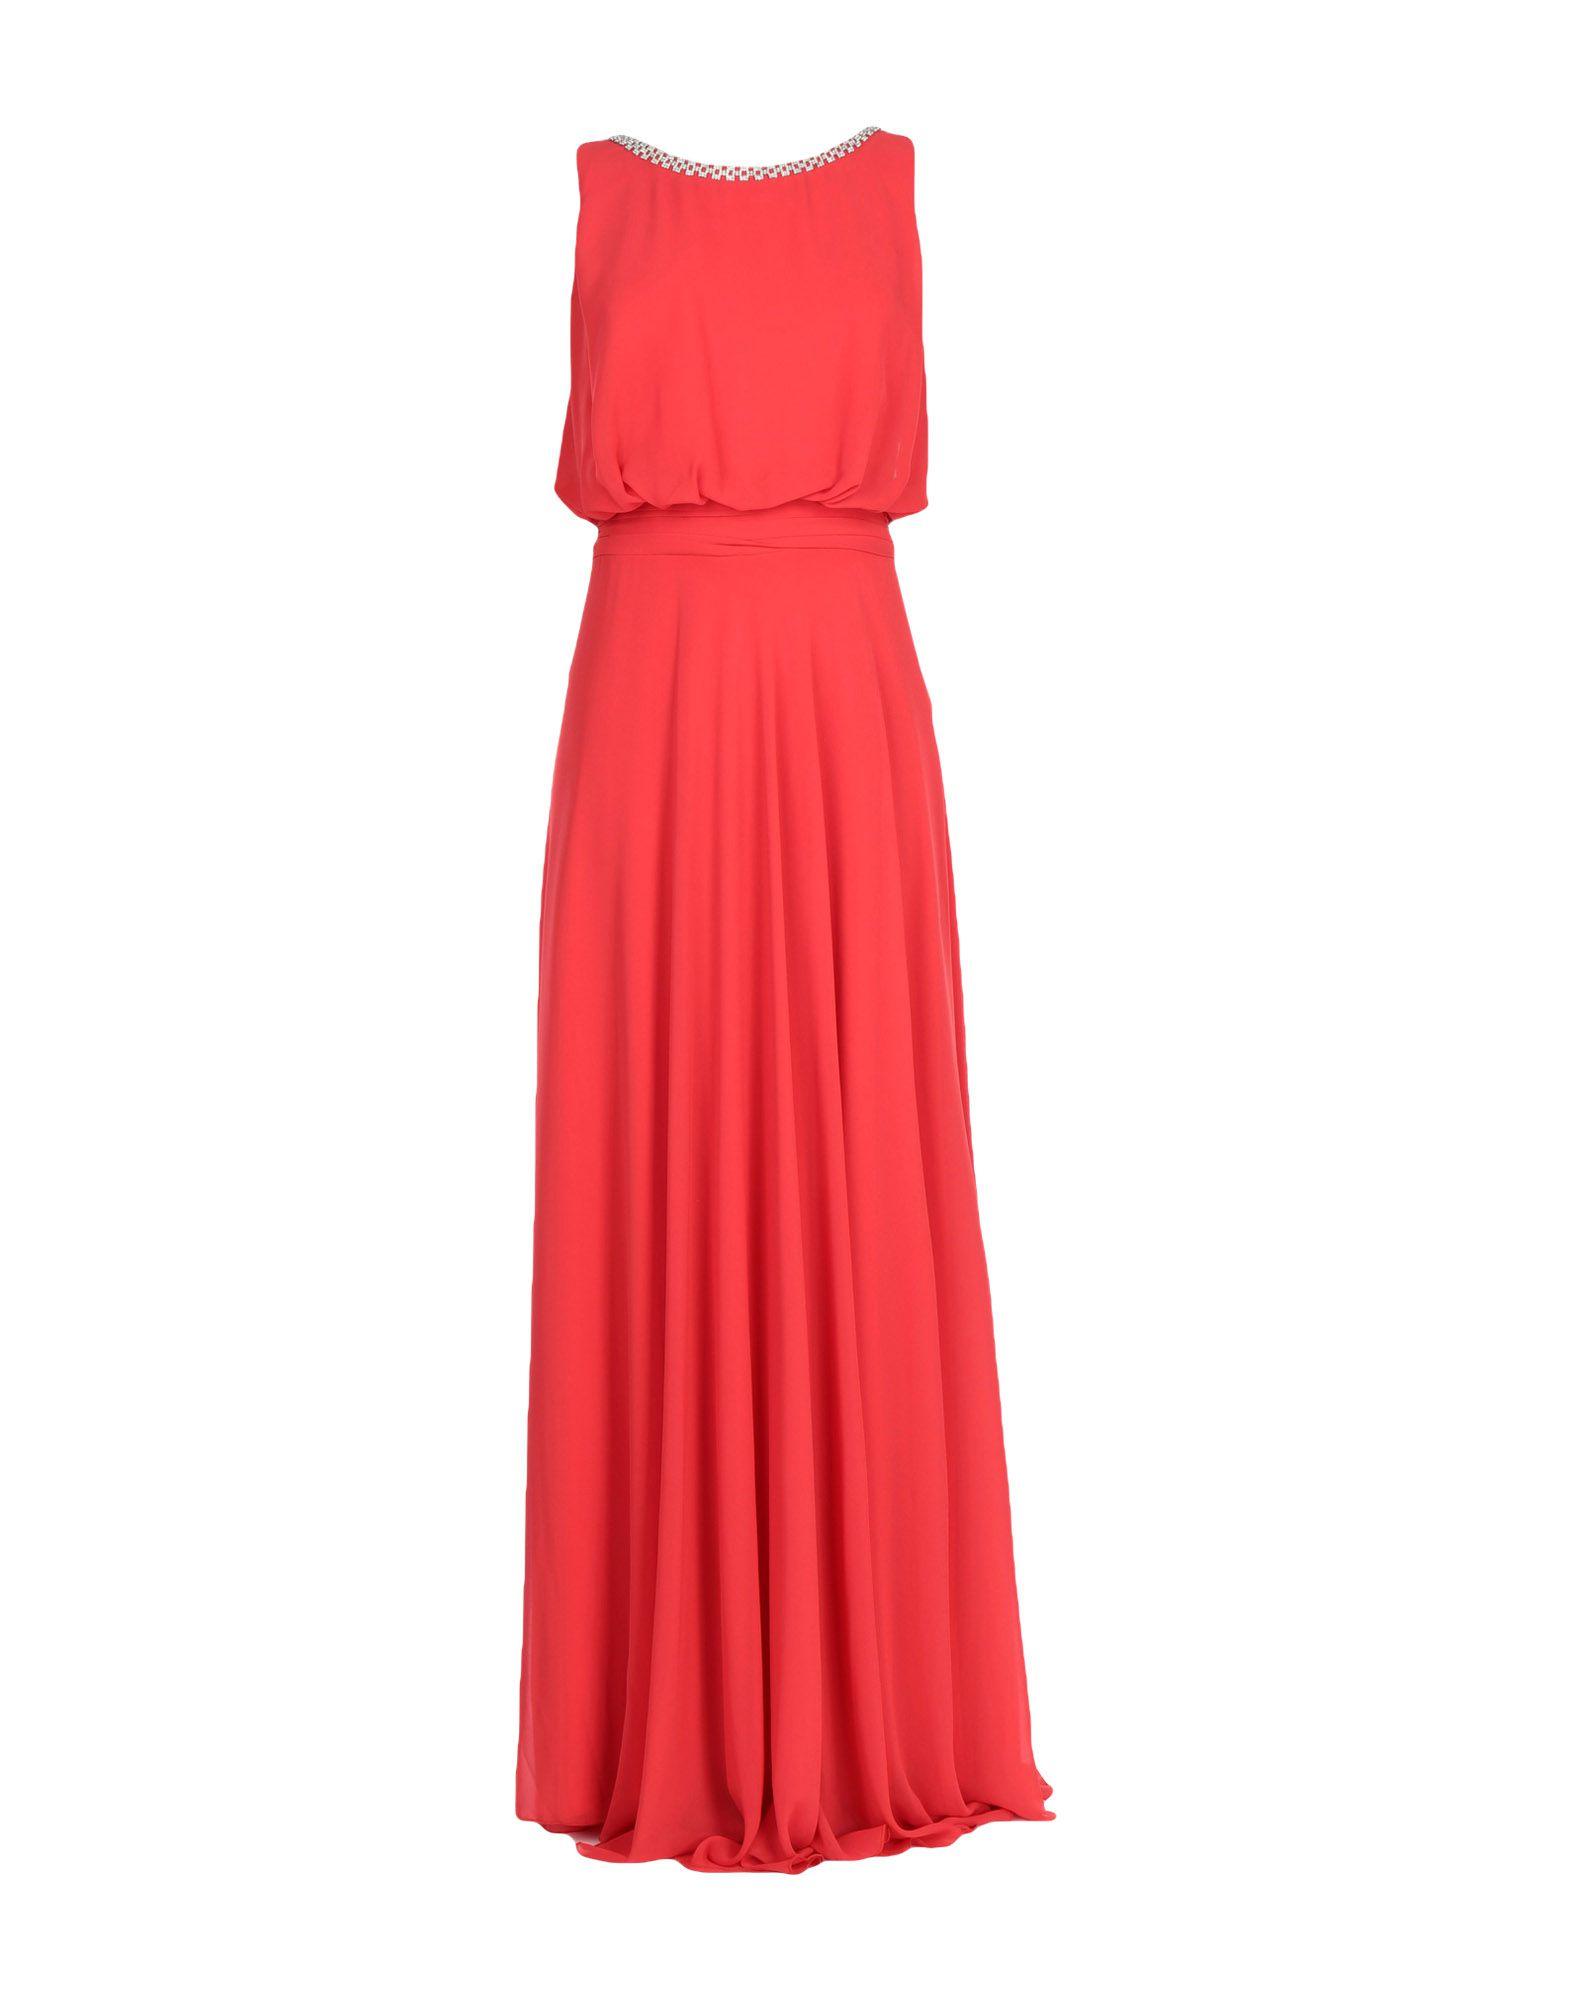 NOZZE COLLECTION Длинное платье top 10 viaggio di nozze